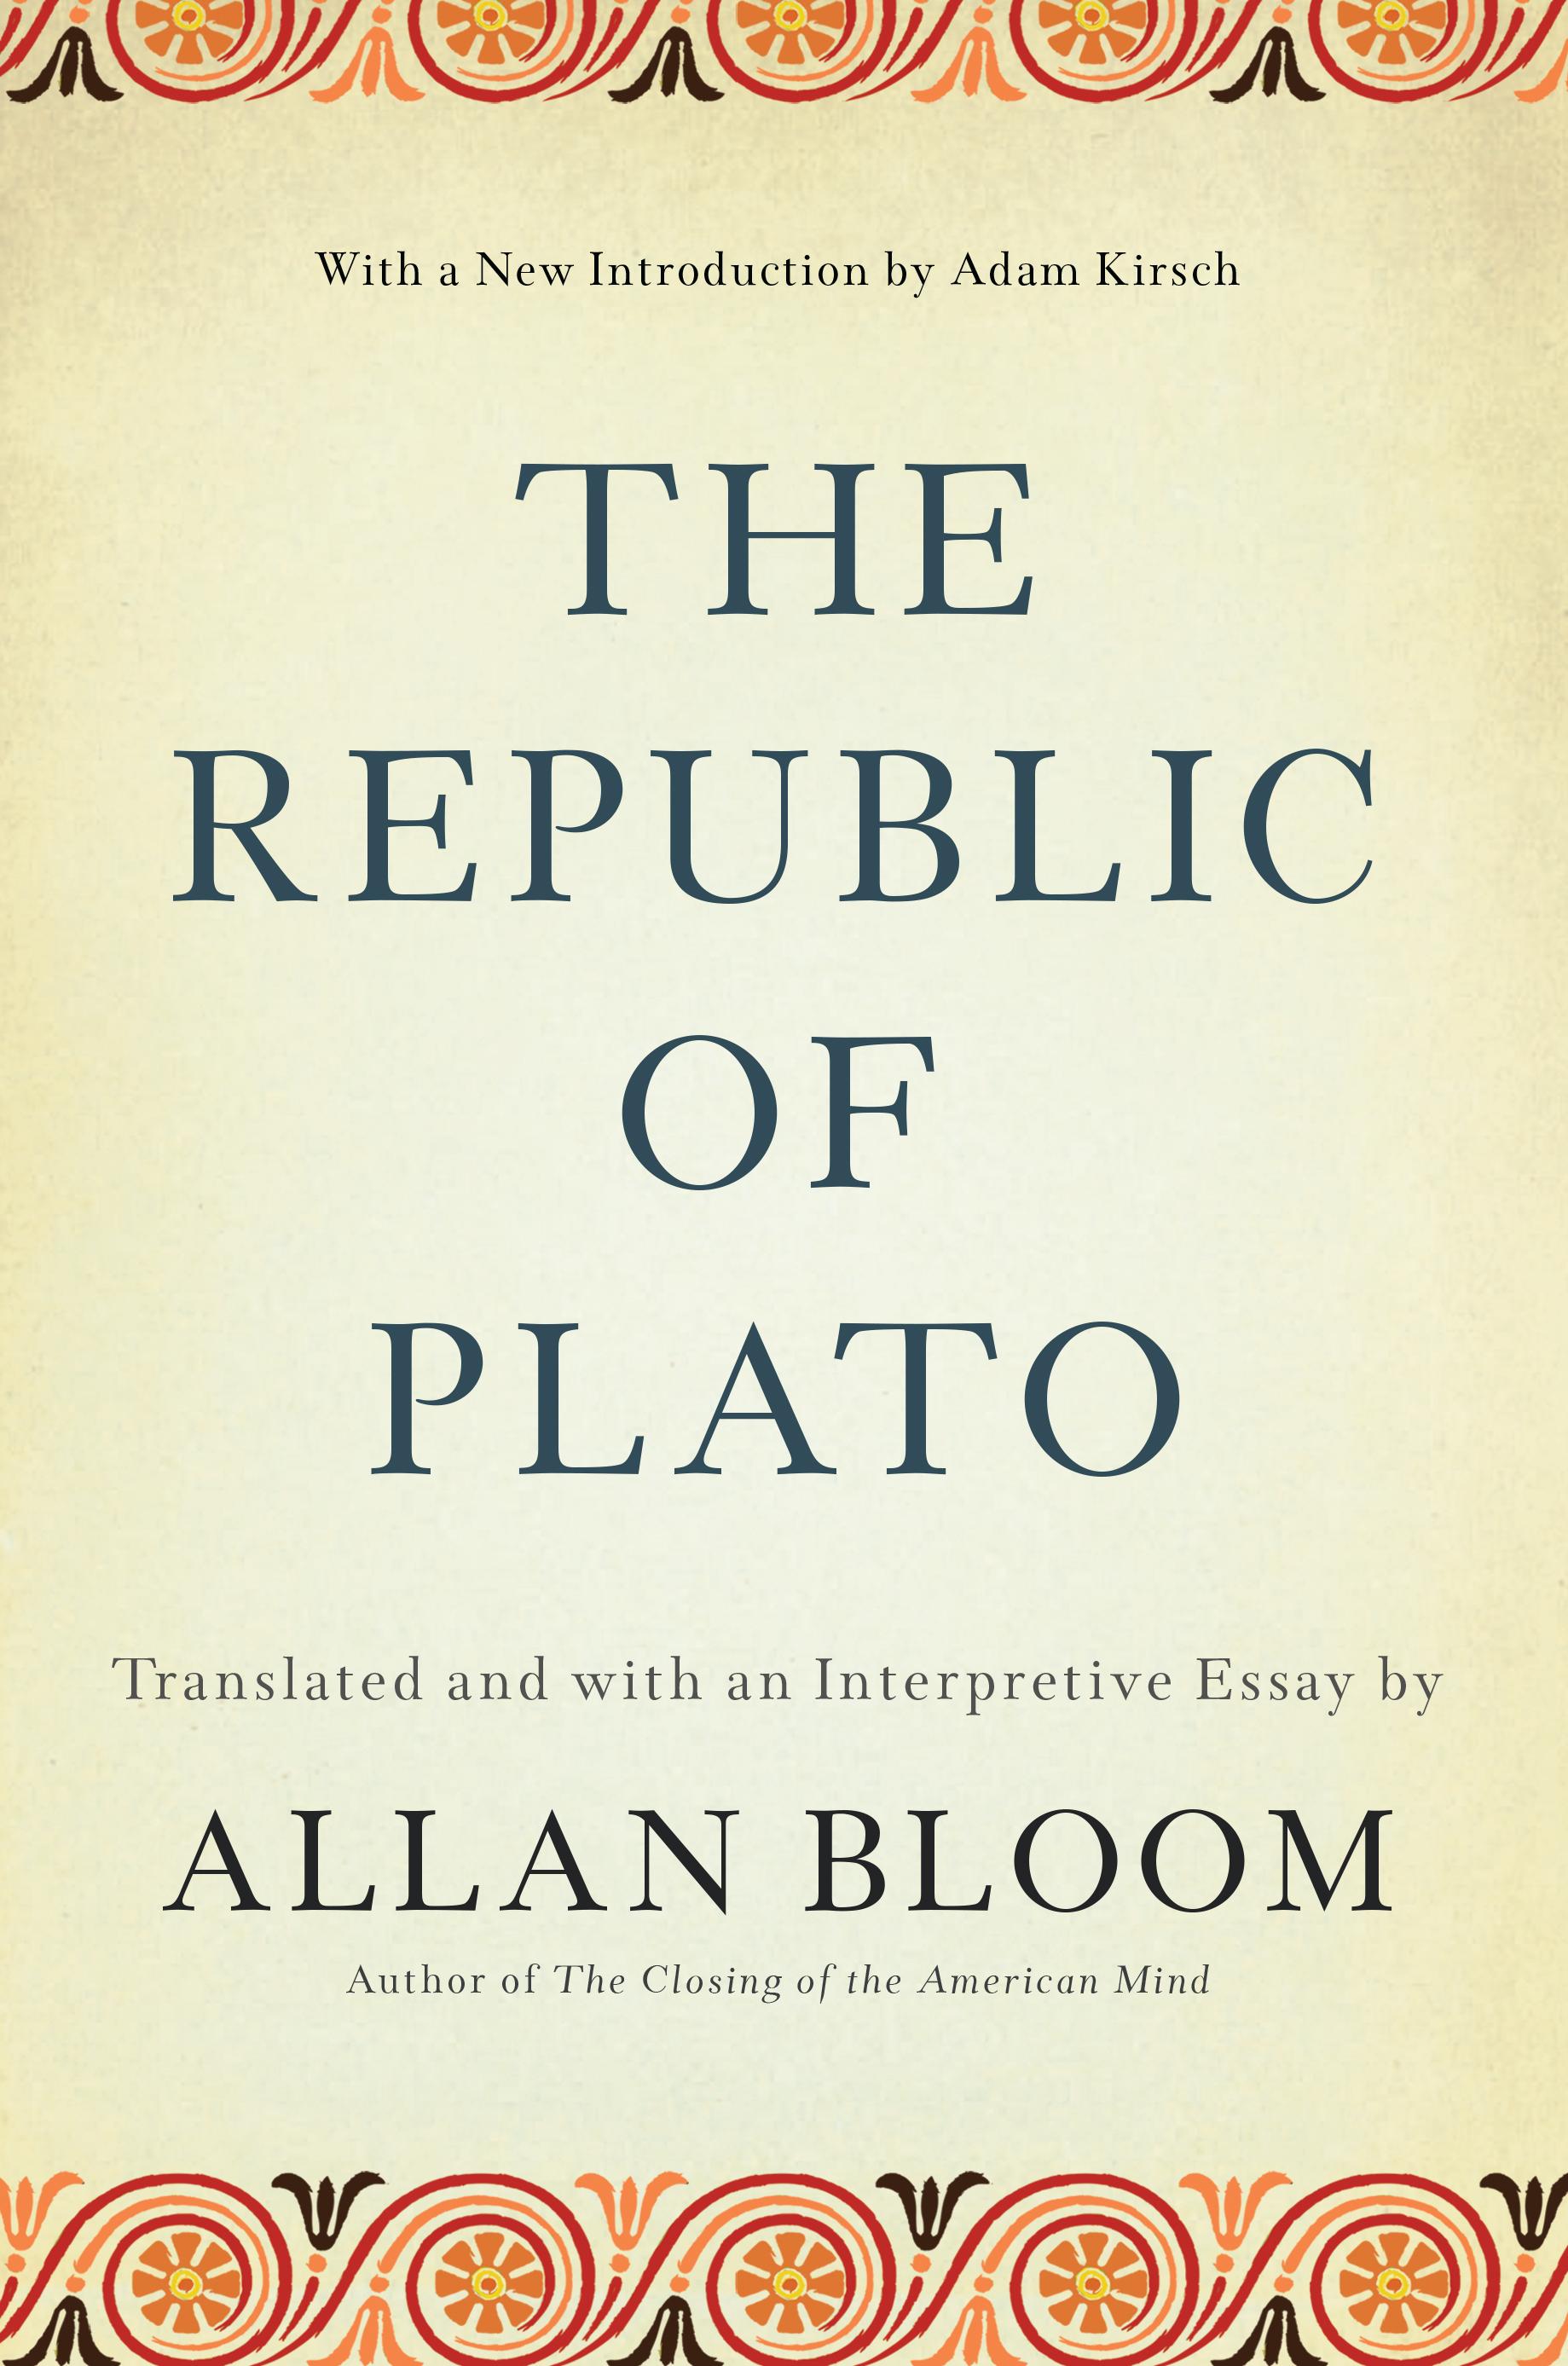 plato and the republic essay